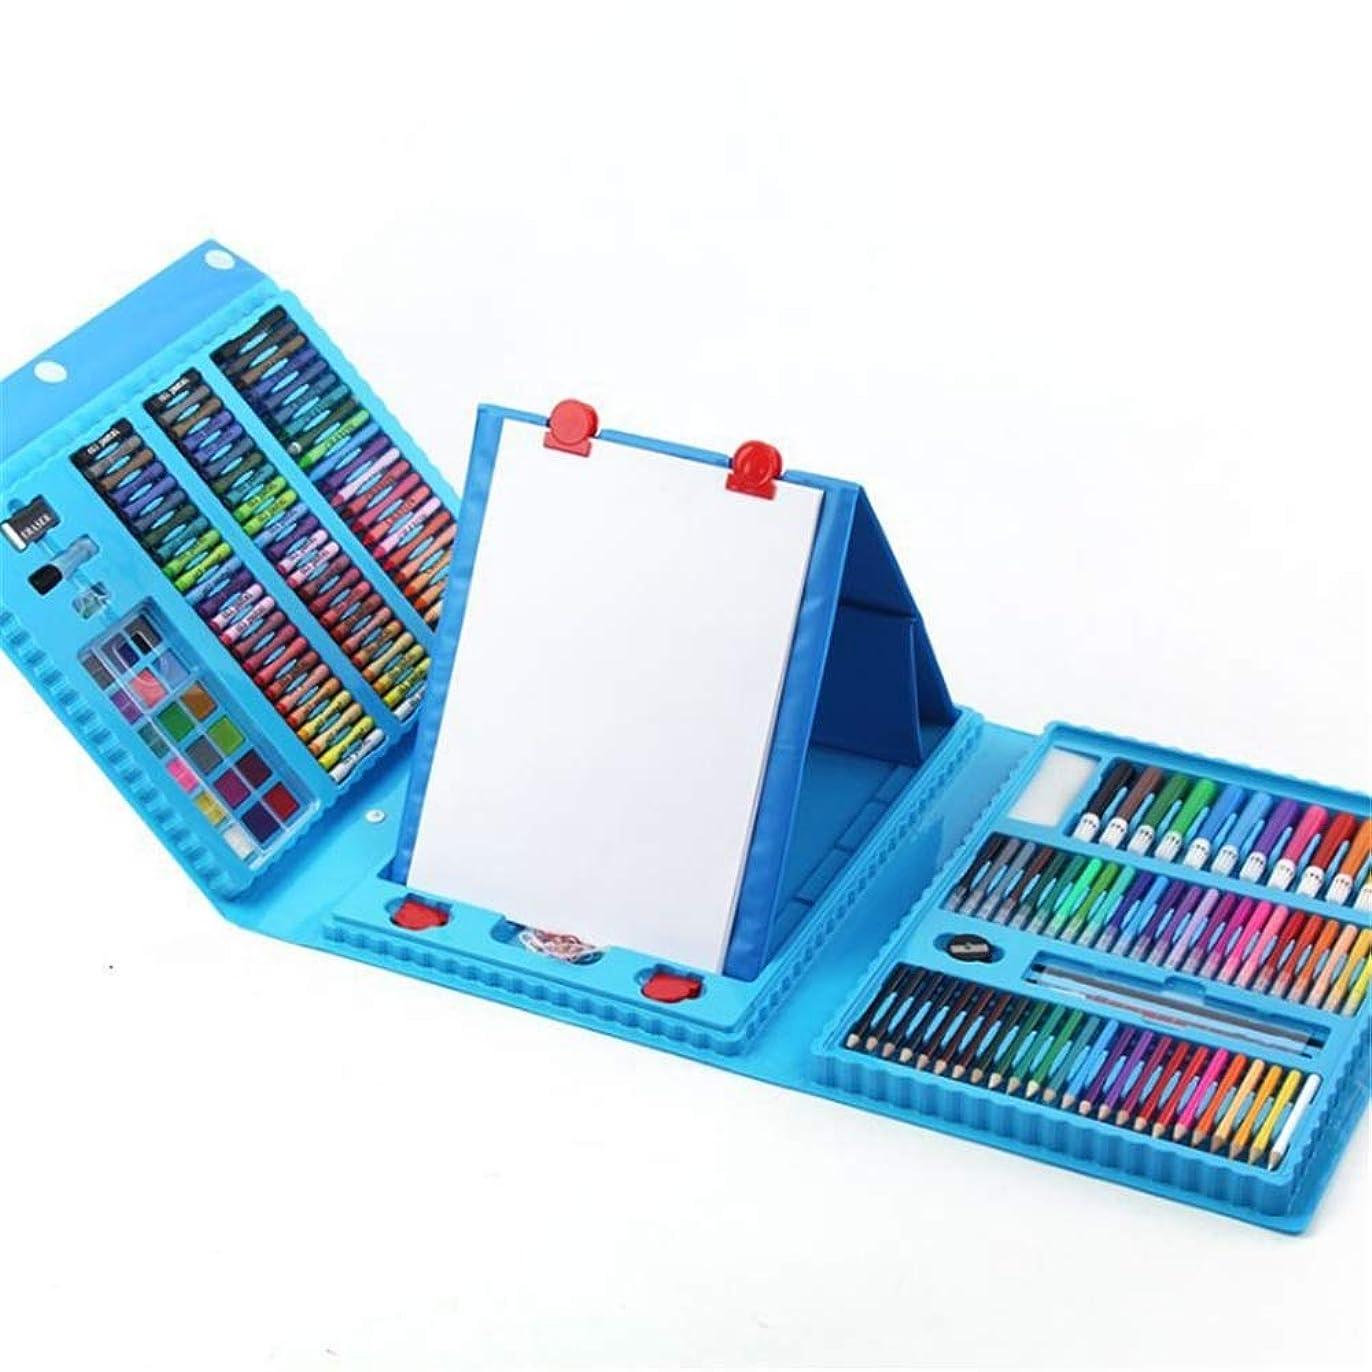 脚十代自分こども大人プロの水彩画の鉛筆セット アートセット208個デラックスアートセット絵画マルチ描画セットカラーペンマーカークレヨン 水彩画 (色 : 青)